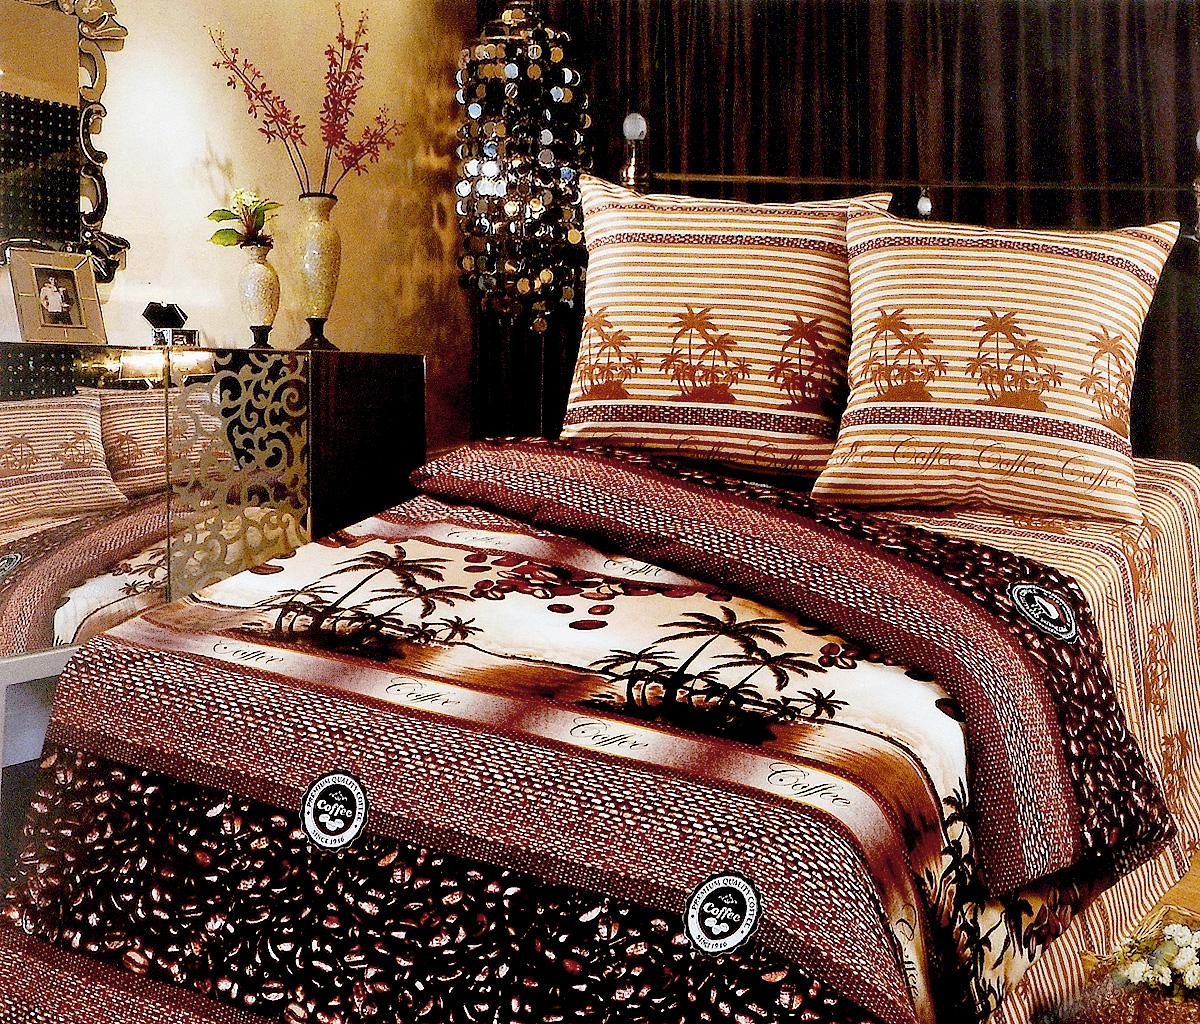 Комплект белья Арт Постель Кофе, 1,5 спальный, наволочки 70x70016534102Комплект постельного белья Арт Постель Кофе выполнен из бязи (100% хлопка) высочайшего качества. Бязь отличается прочностью и стойкостью к многочисленным стиркам. Комплект состоит из пододеяльника, простыни и двух наволочек. Постельное белье с ярким дизайном, имеет изысканный внешний вид.Благодаря такому комплекту постельного белья вы сможете создать атмосферу роскоши и романтики в вашей спальне.